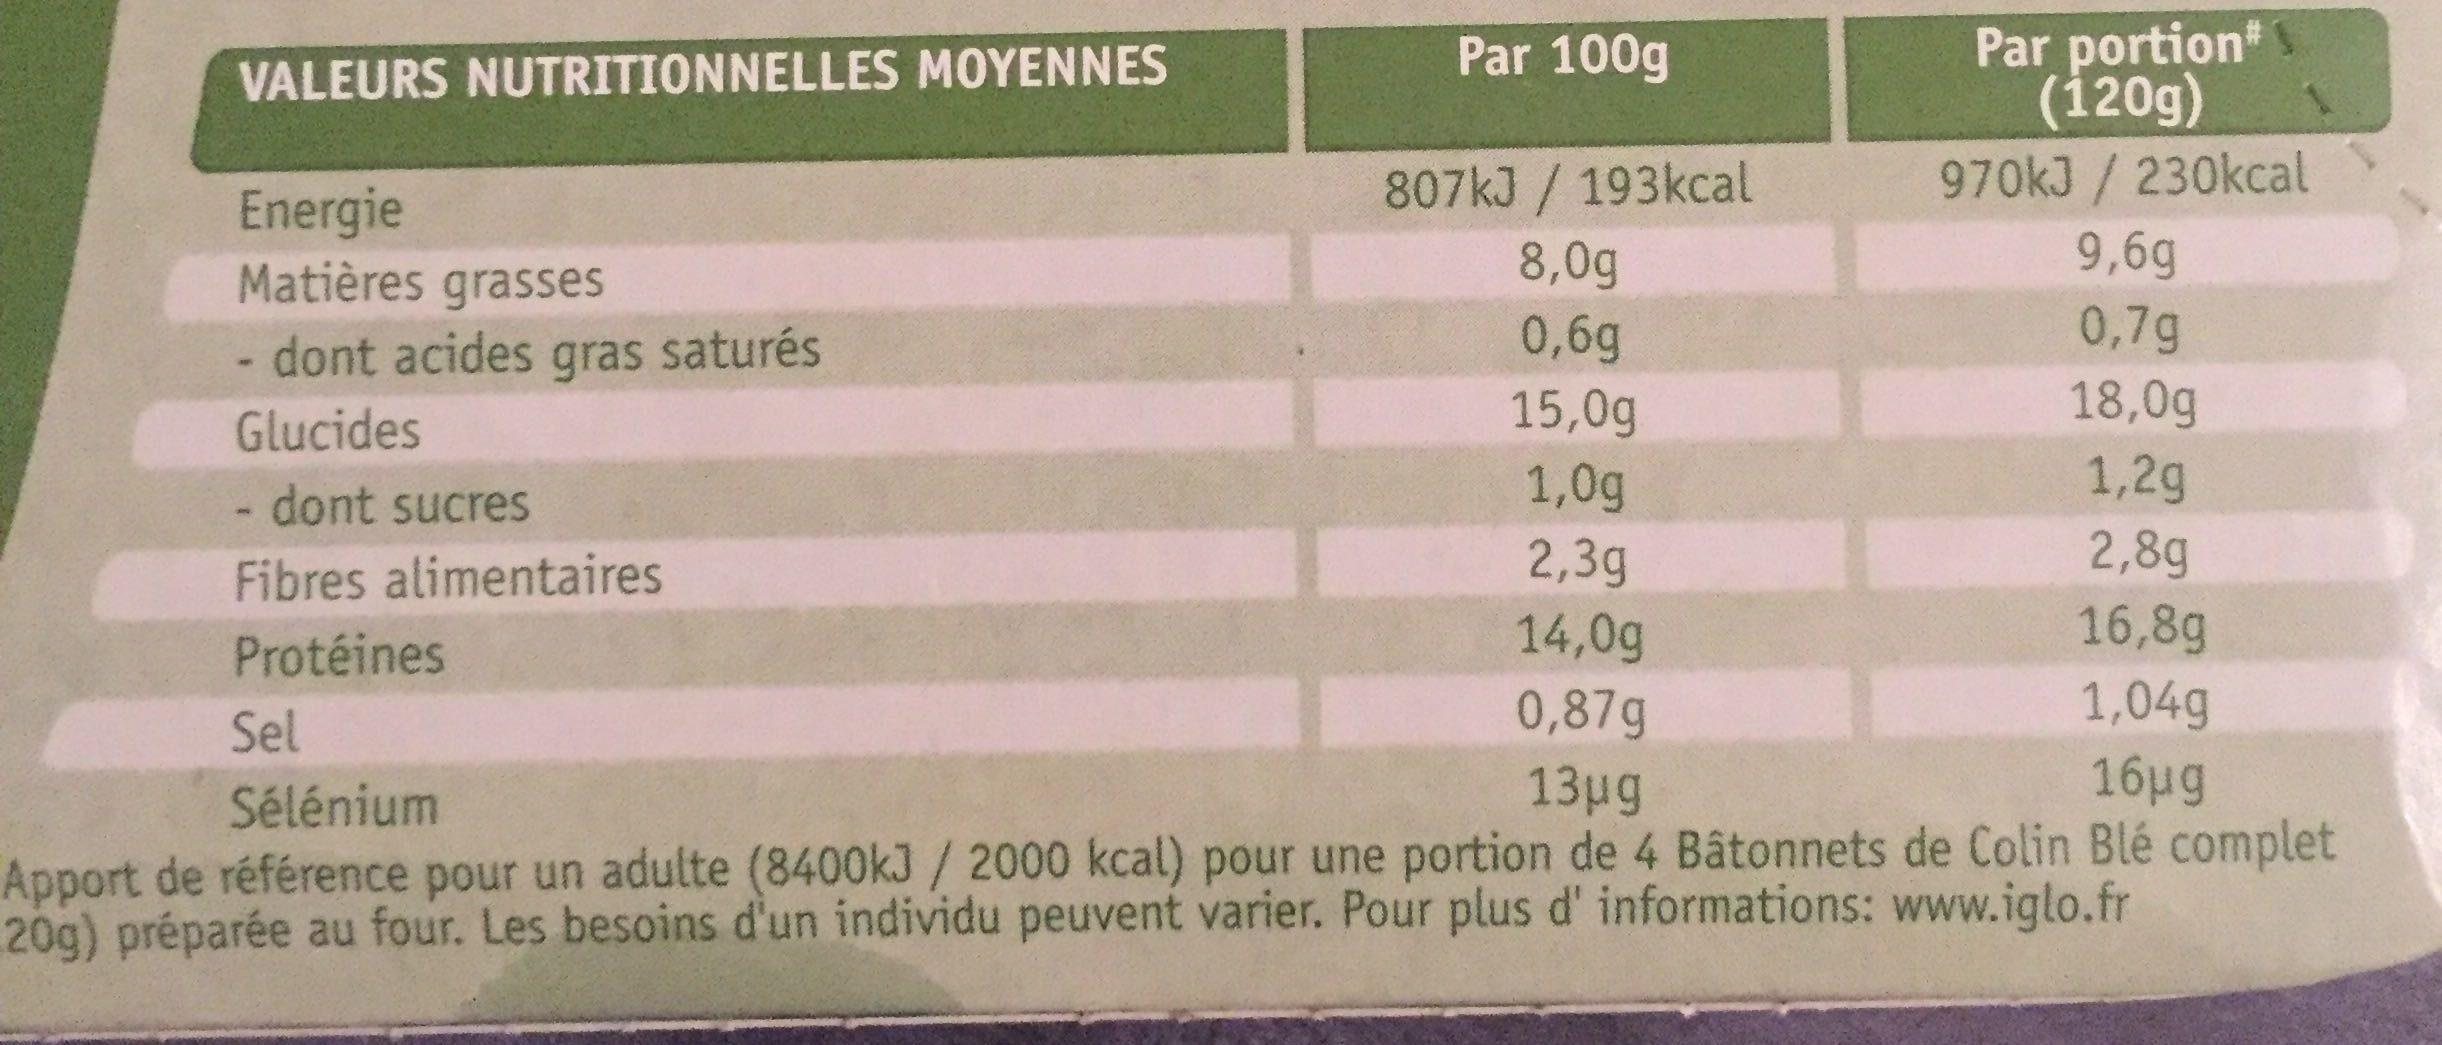 Bâtonnets de Colin - blé complet - Informations nutritionnelles